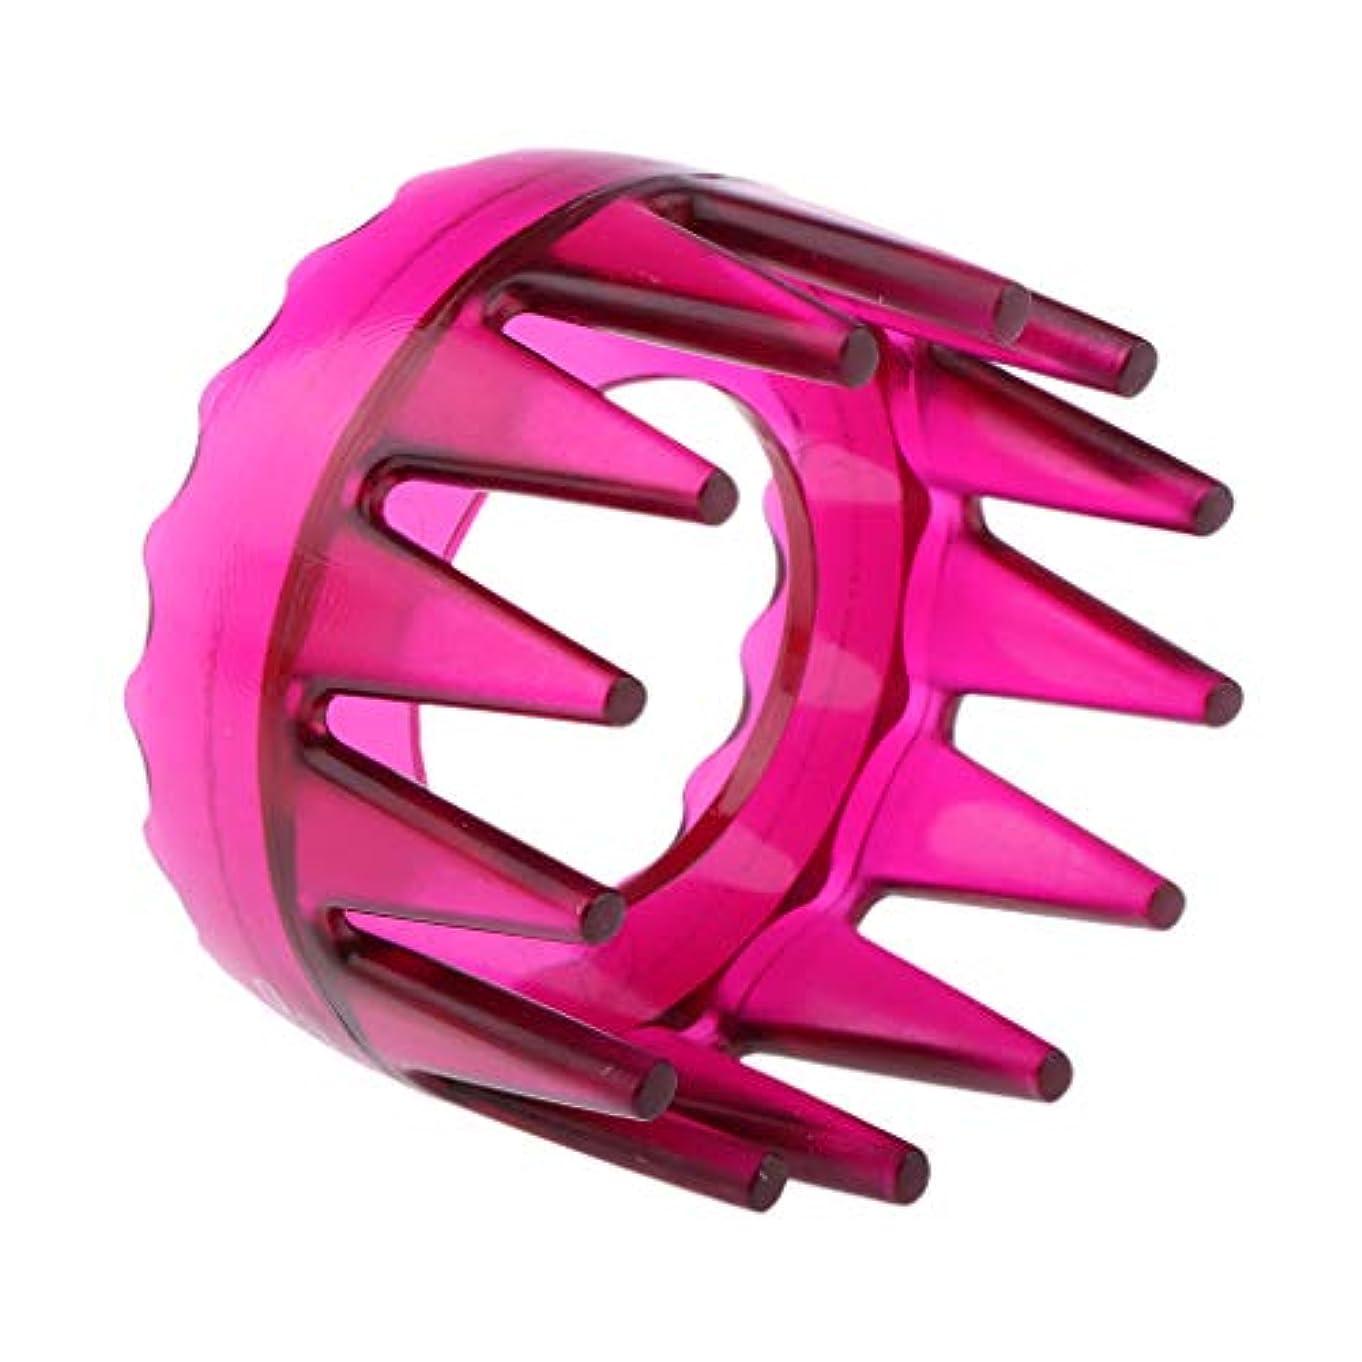 サイクロプス行き当たりばったりステープルSM SunniMix シャンプーブラシ 洗髪櫛 マッサージャー ヘアコーム ヘアブラシ 滑り止め 快適 リラックス 全4色 - ローズレッド